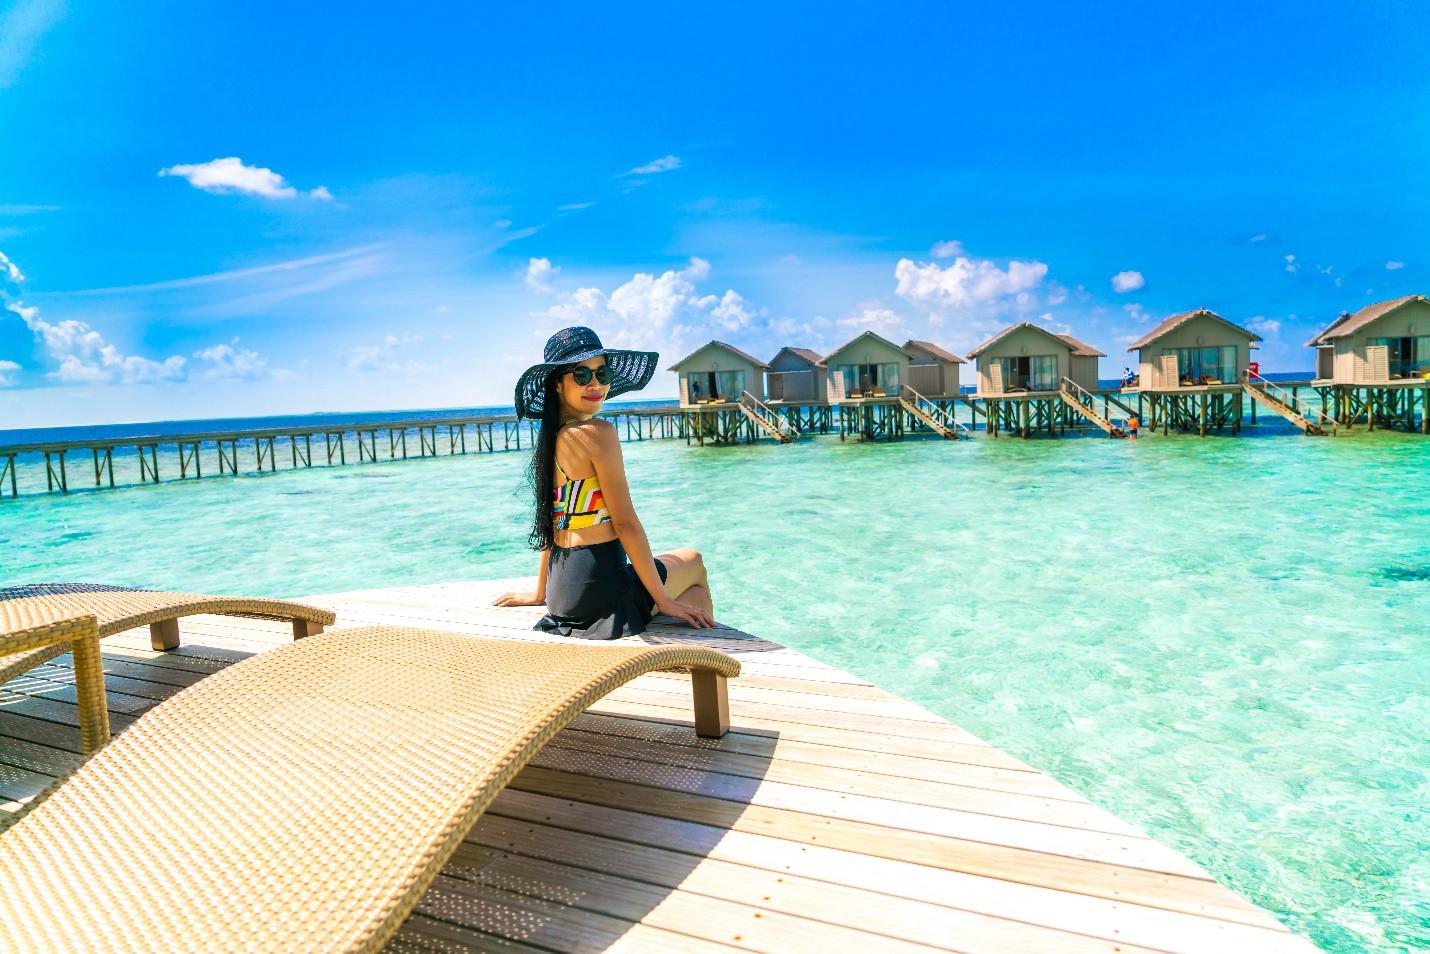 """4 thiên đường biển đảo thật """"chill"""" trong mùa hè - Ảnh 7."""